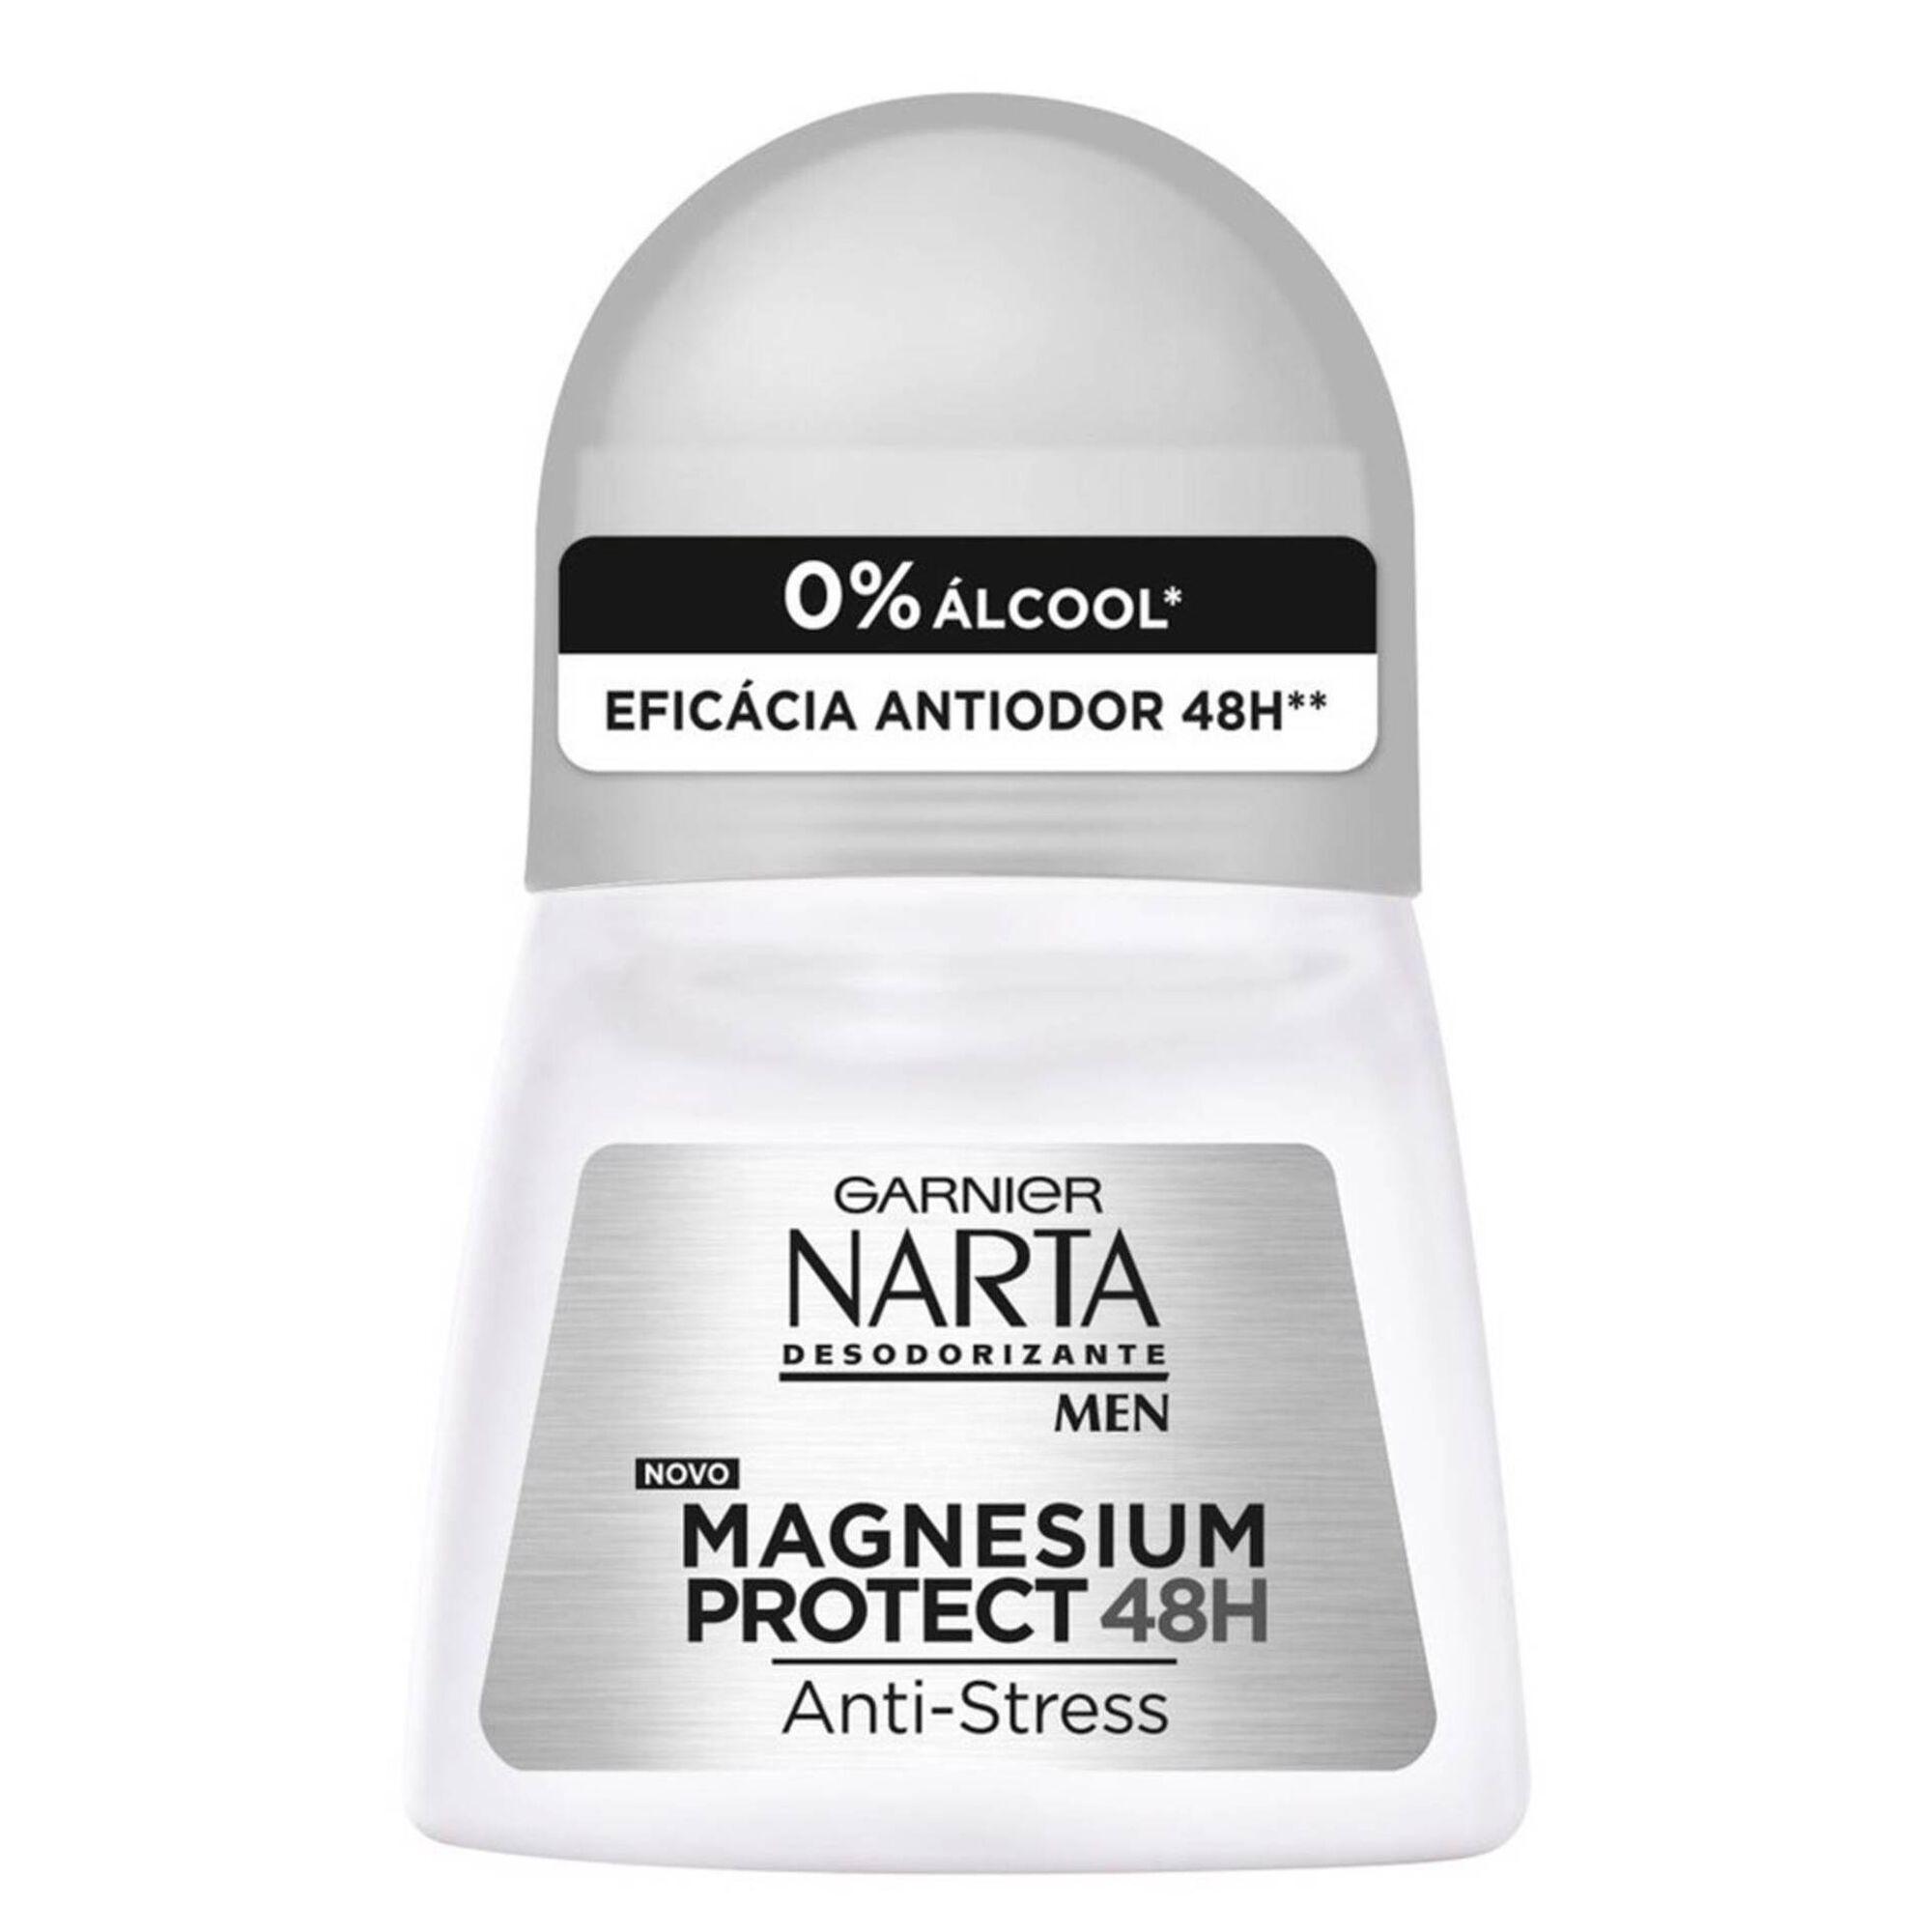 Desodorizante Roll On Narta Men Magnesium Protect